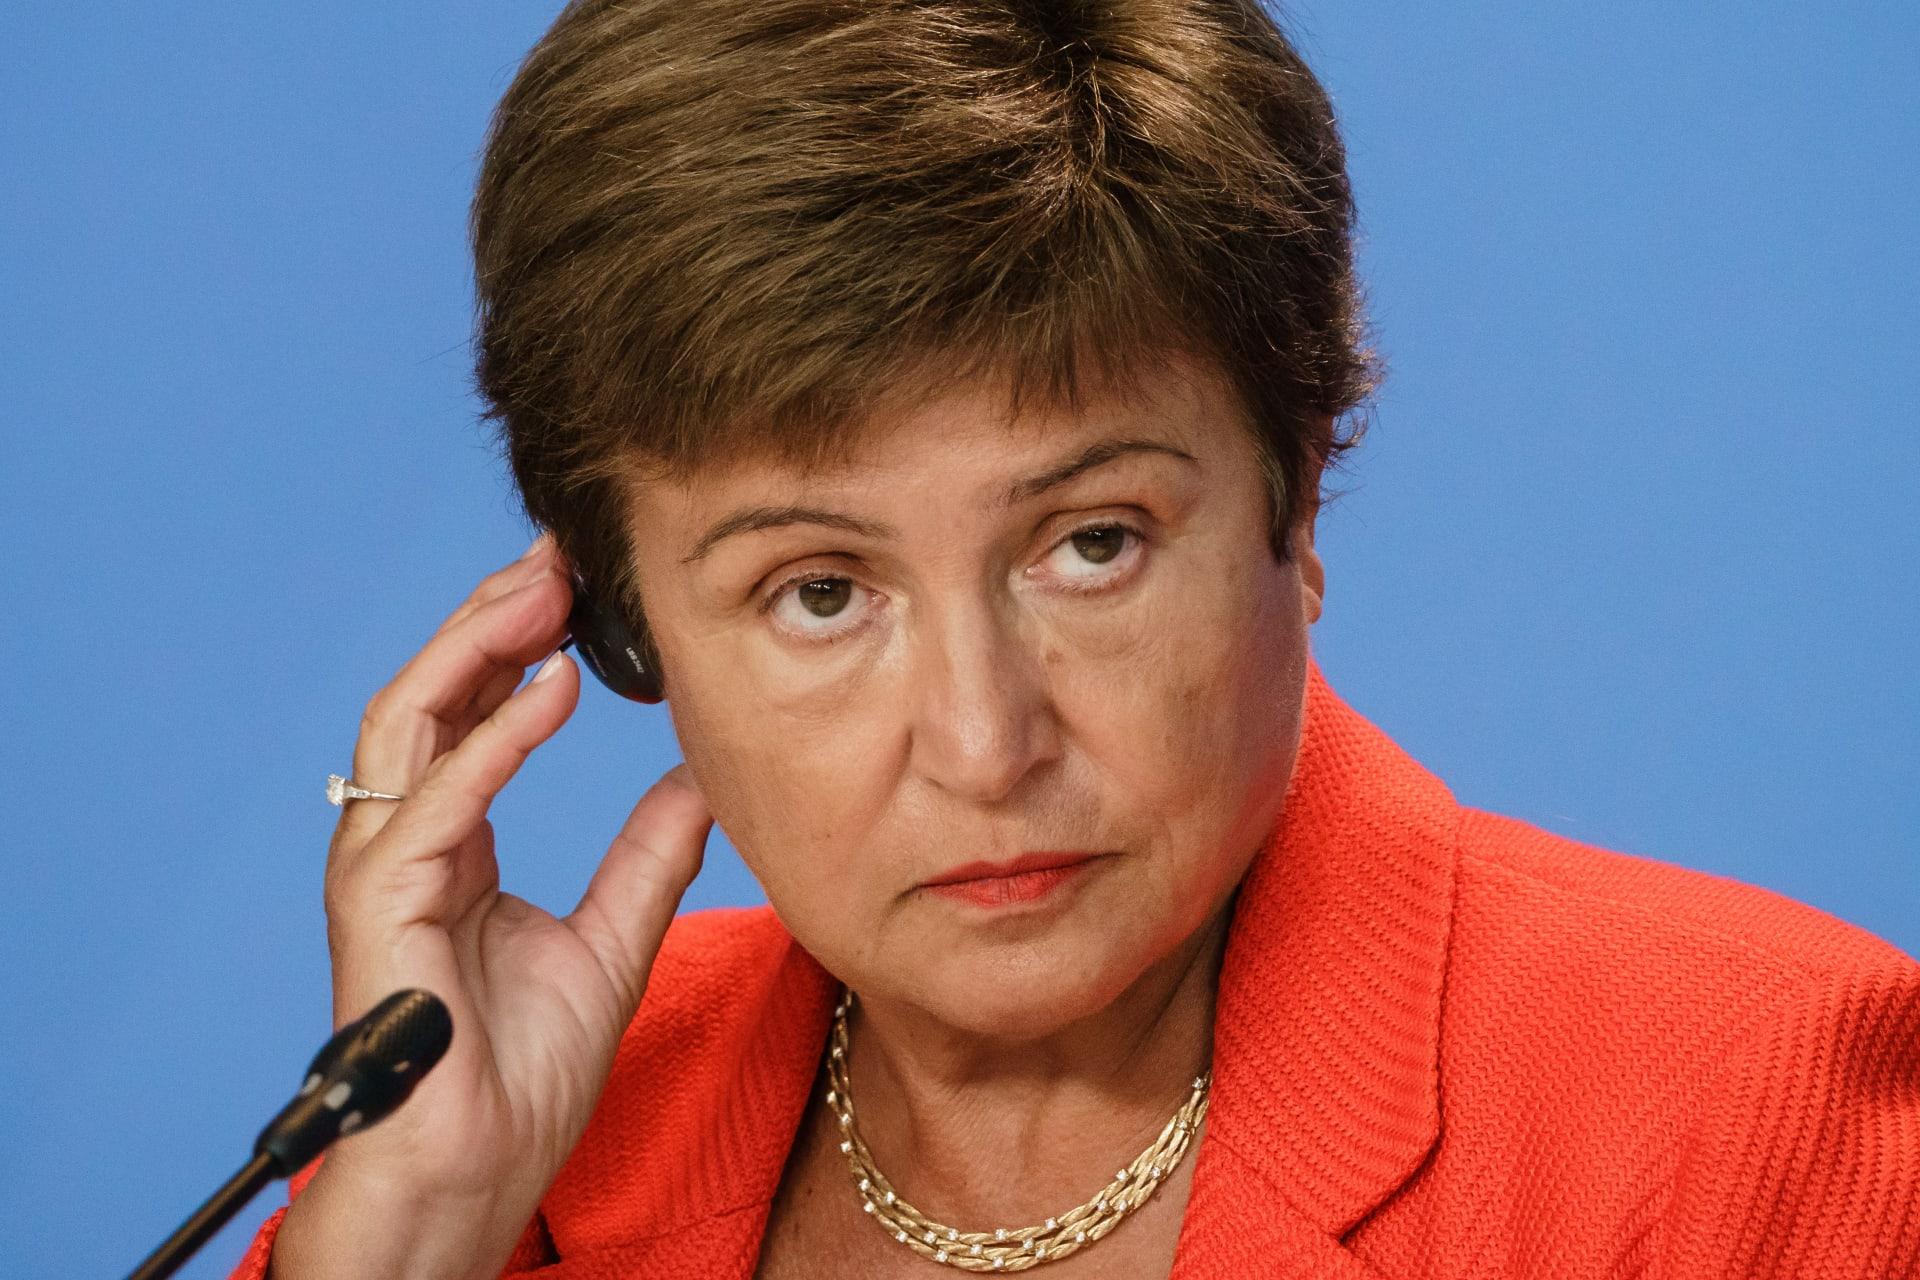 المديرة العامة لصندوق النقد الدولي، كريستالينا جورجيفا